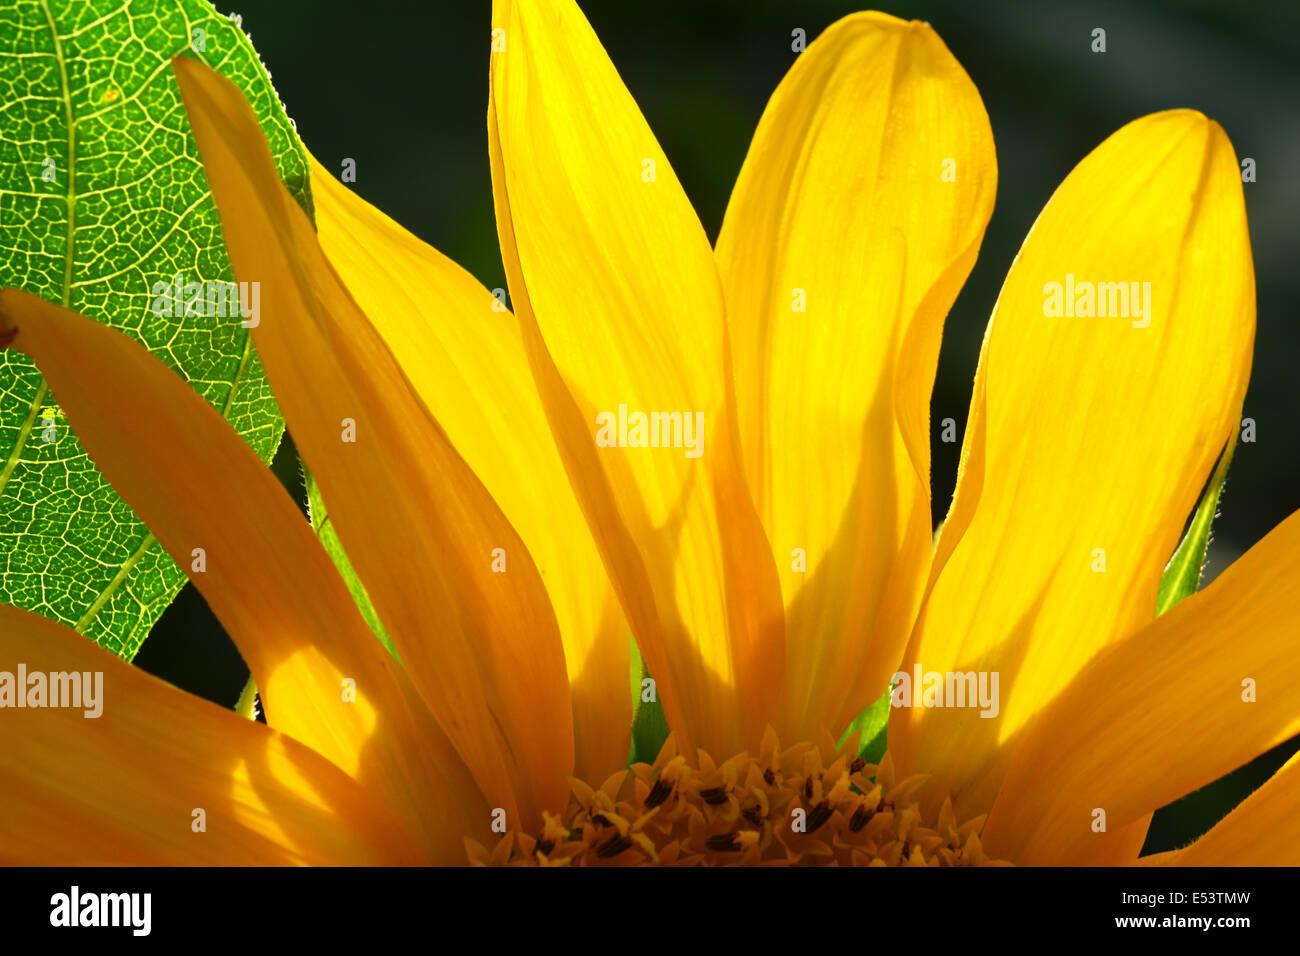 Petali di girasole in close-up Immagini Stock